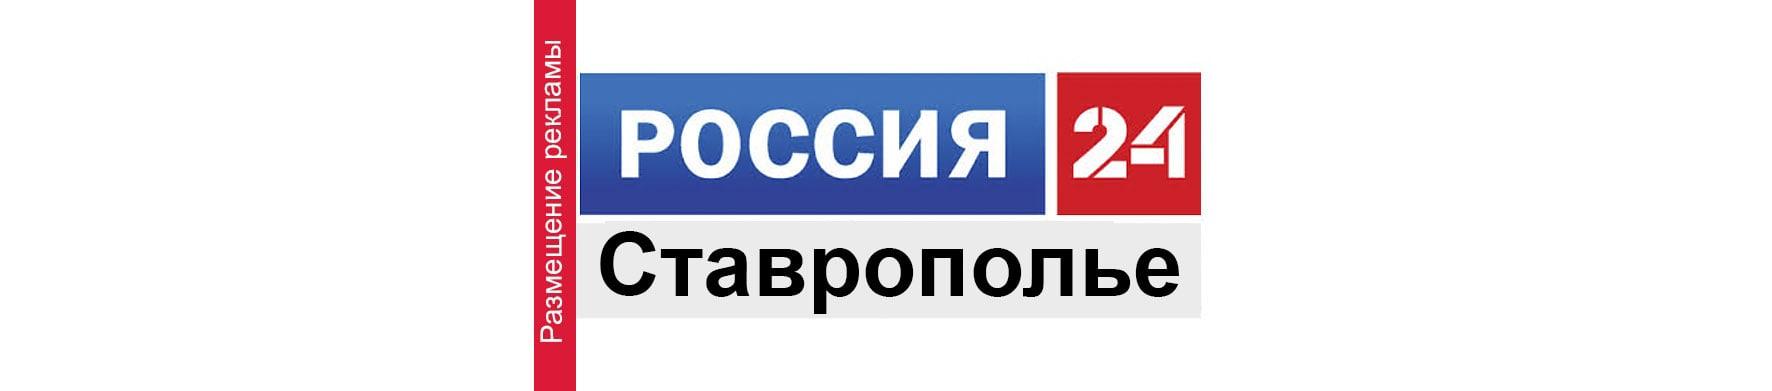 Реклама на телевидении в Ставропольском крае россия 24